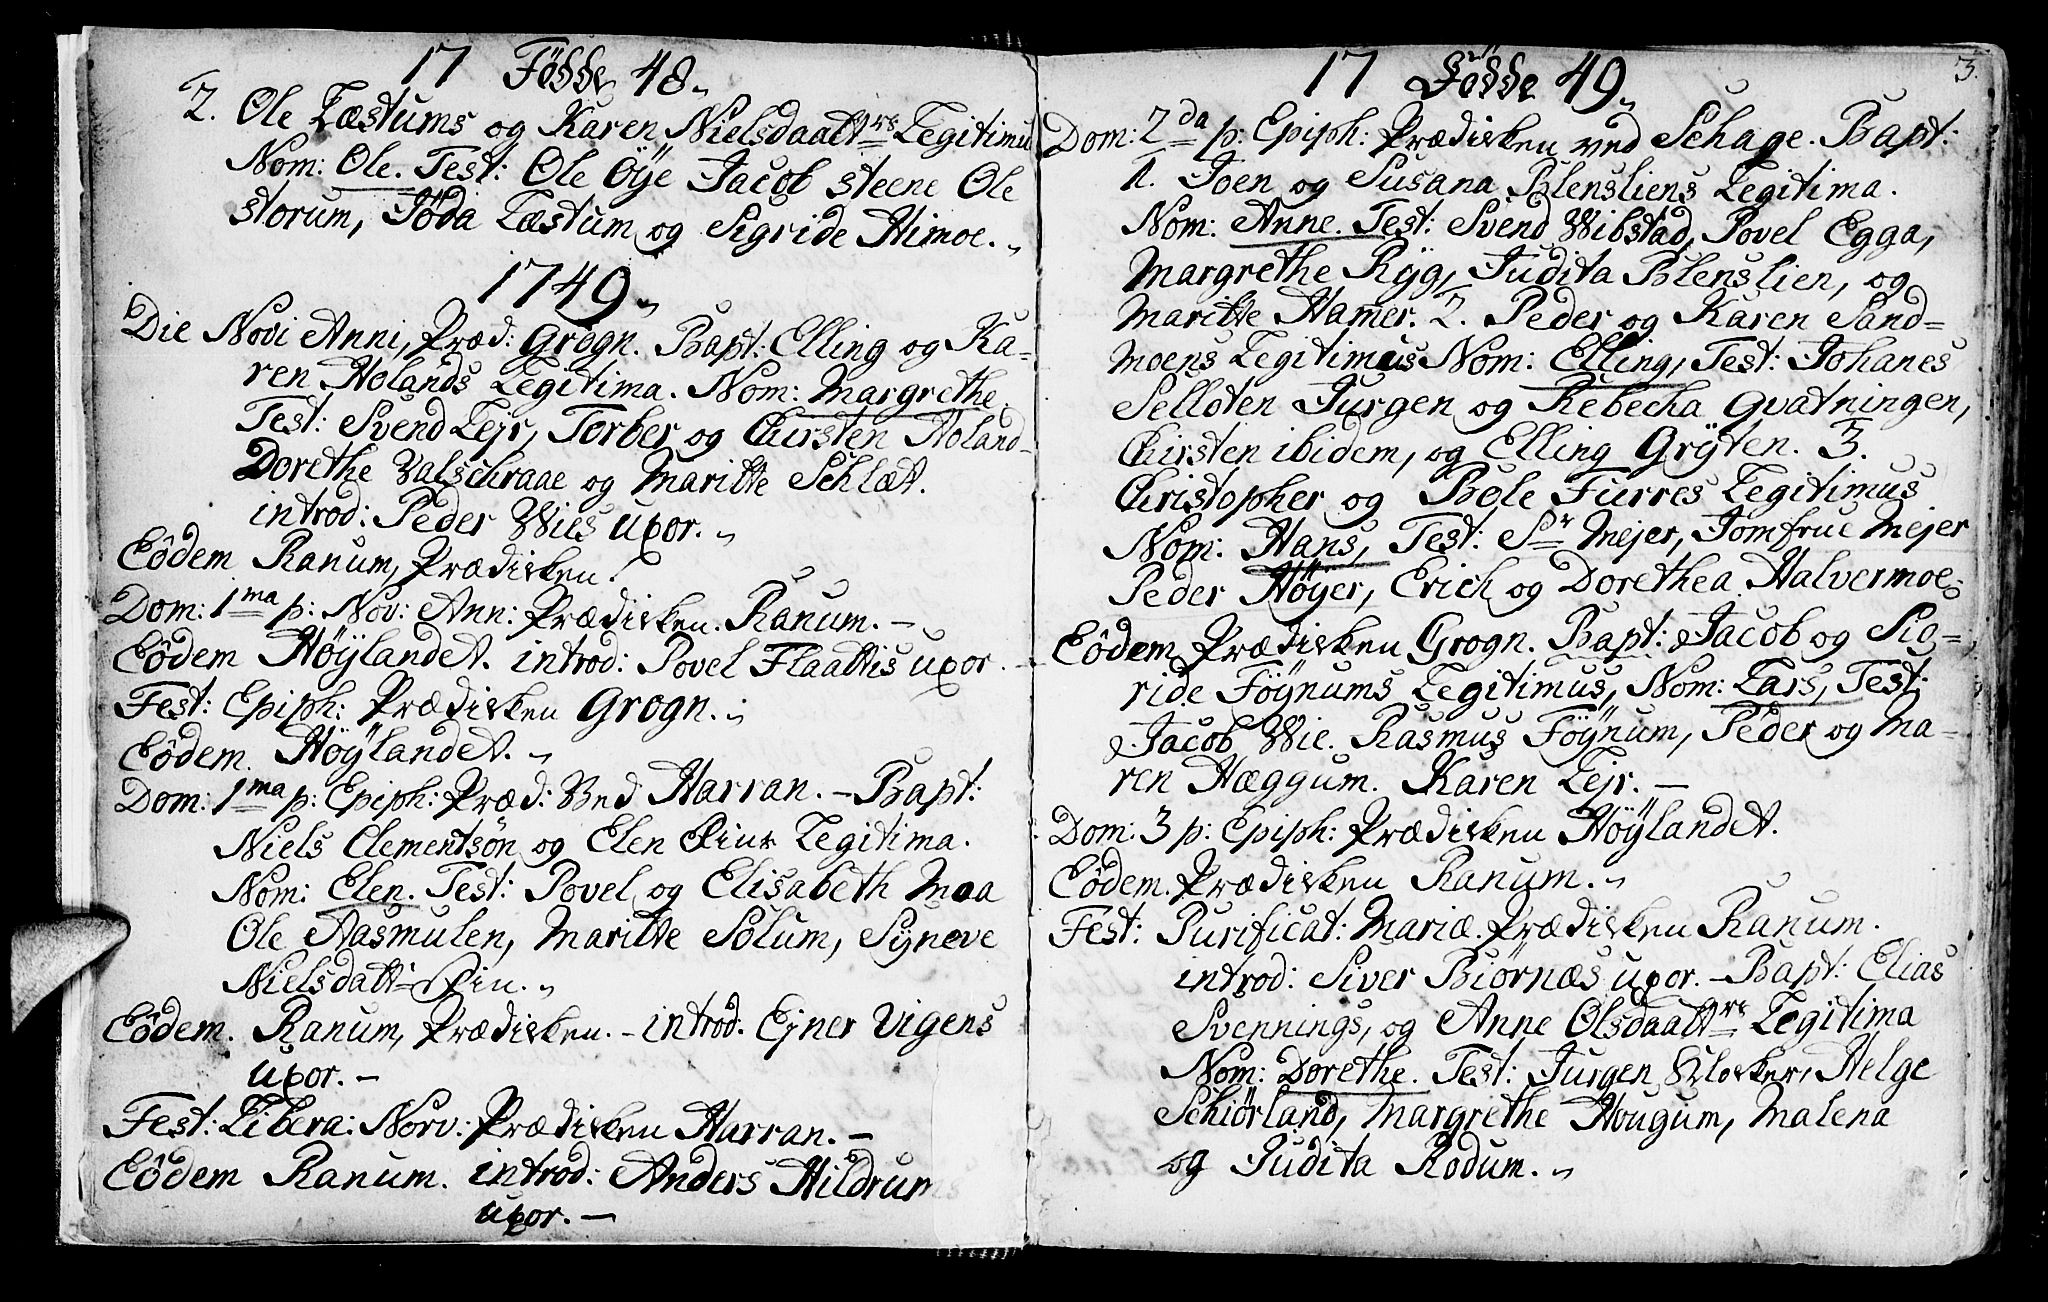 SAT, Ministerialprotokoller, klokkerbøker og fødselsregistre - Nord-Trøndelag, 764/L0542: Ministerialbok nr. 764A02, 1748-1779, s. 3